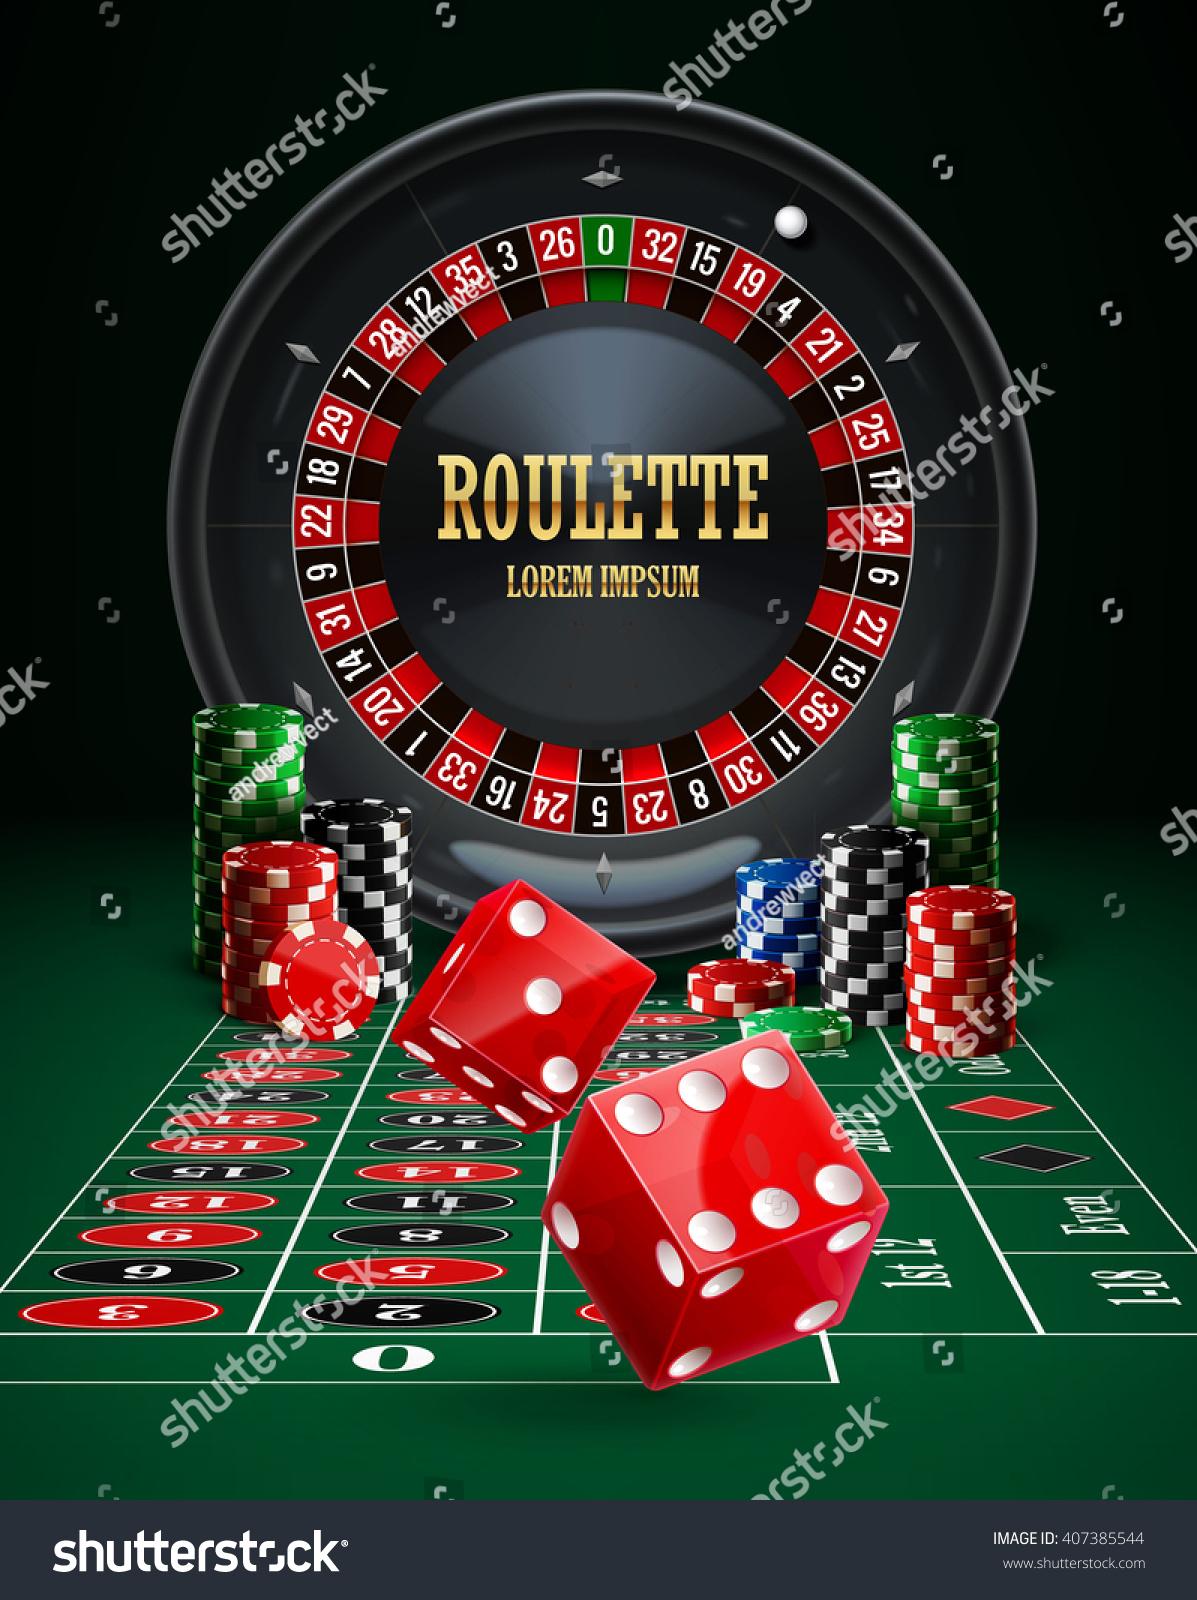 Rb9soccer poker